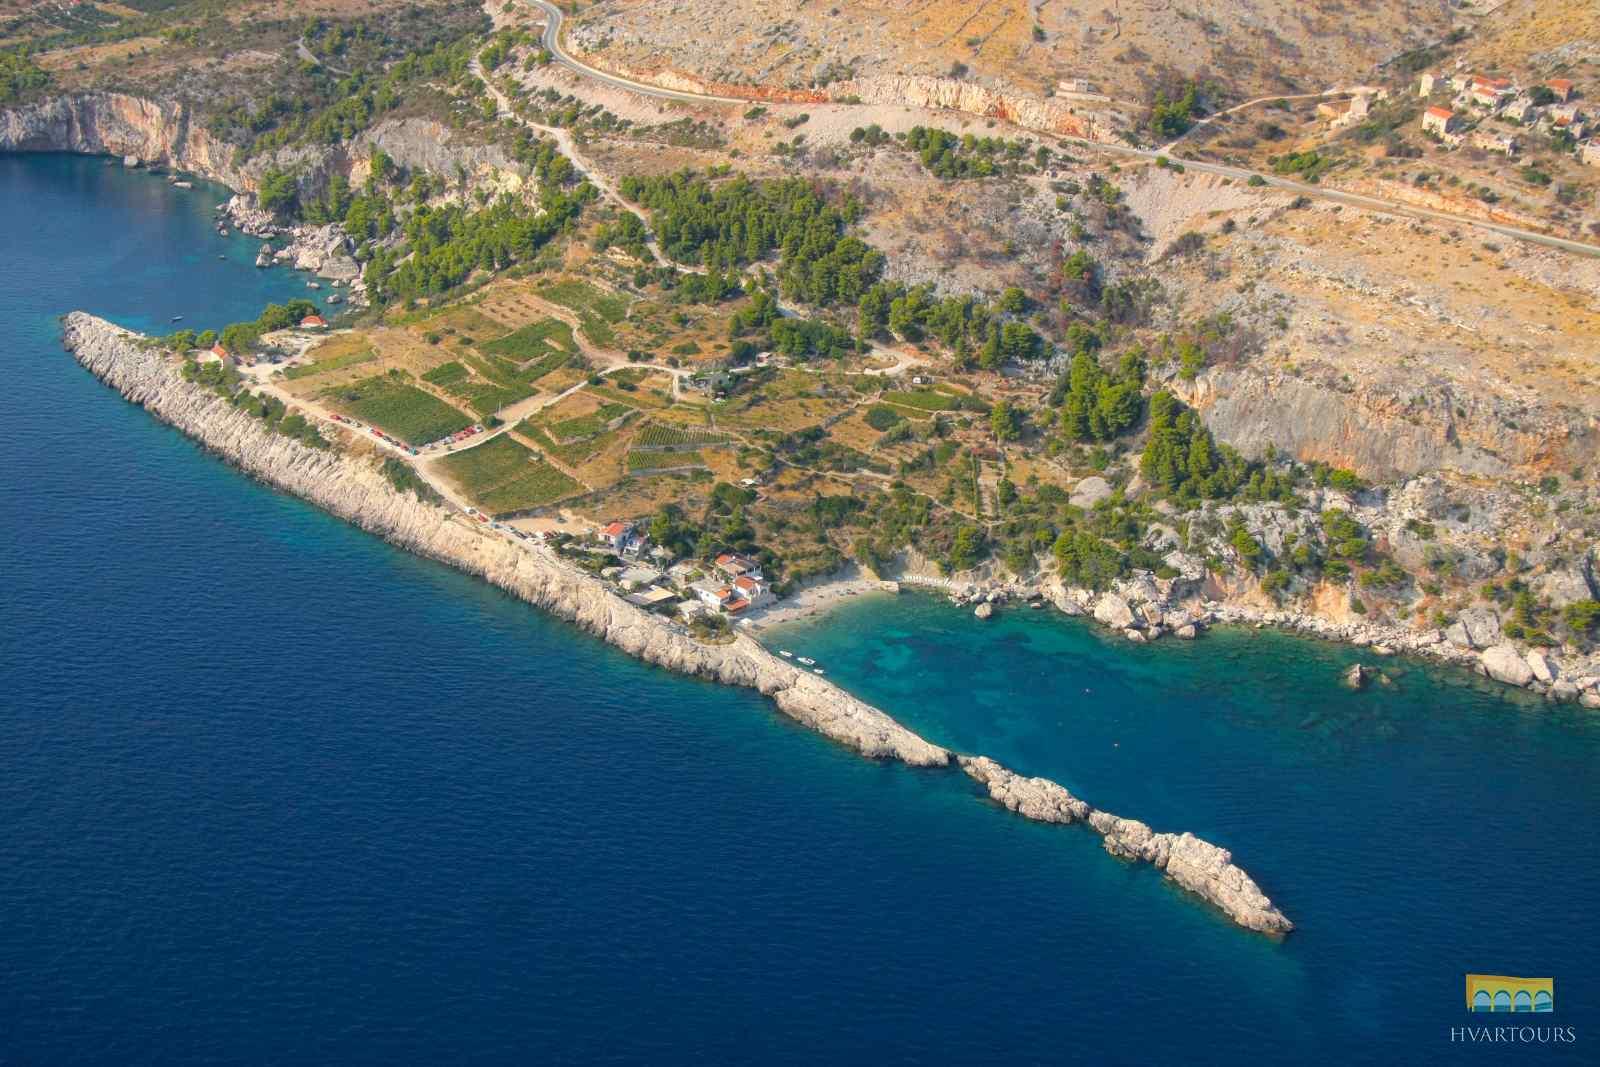 Hvar's 6 TOP Beaches